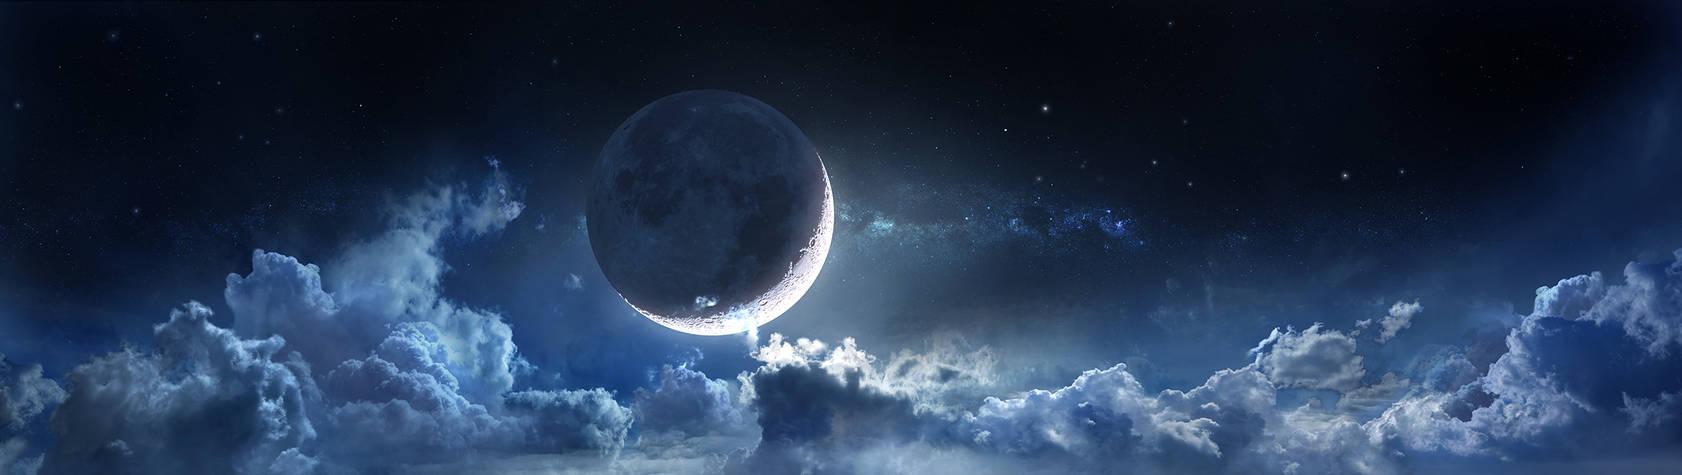 Moon Night 052819